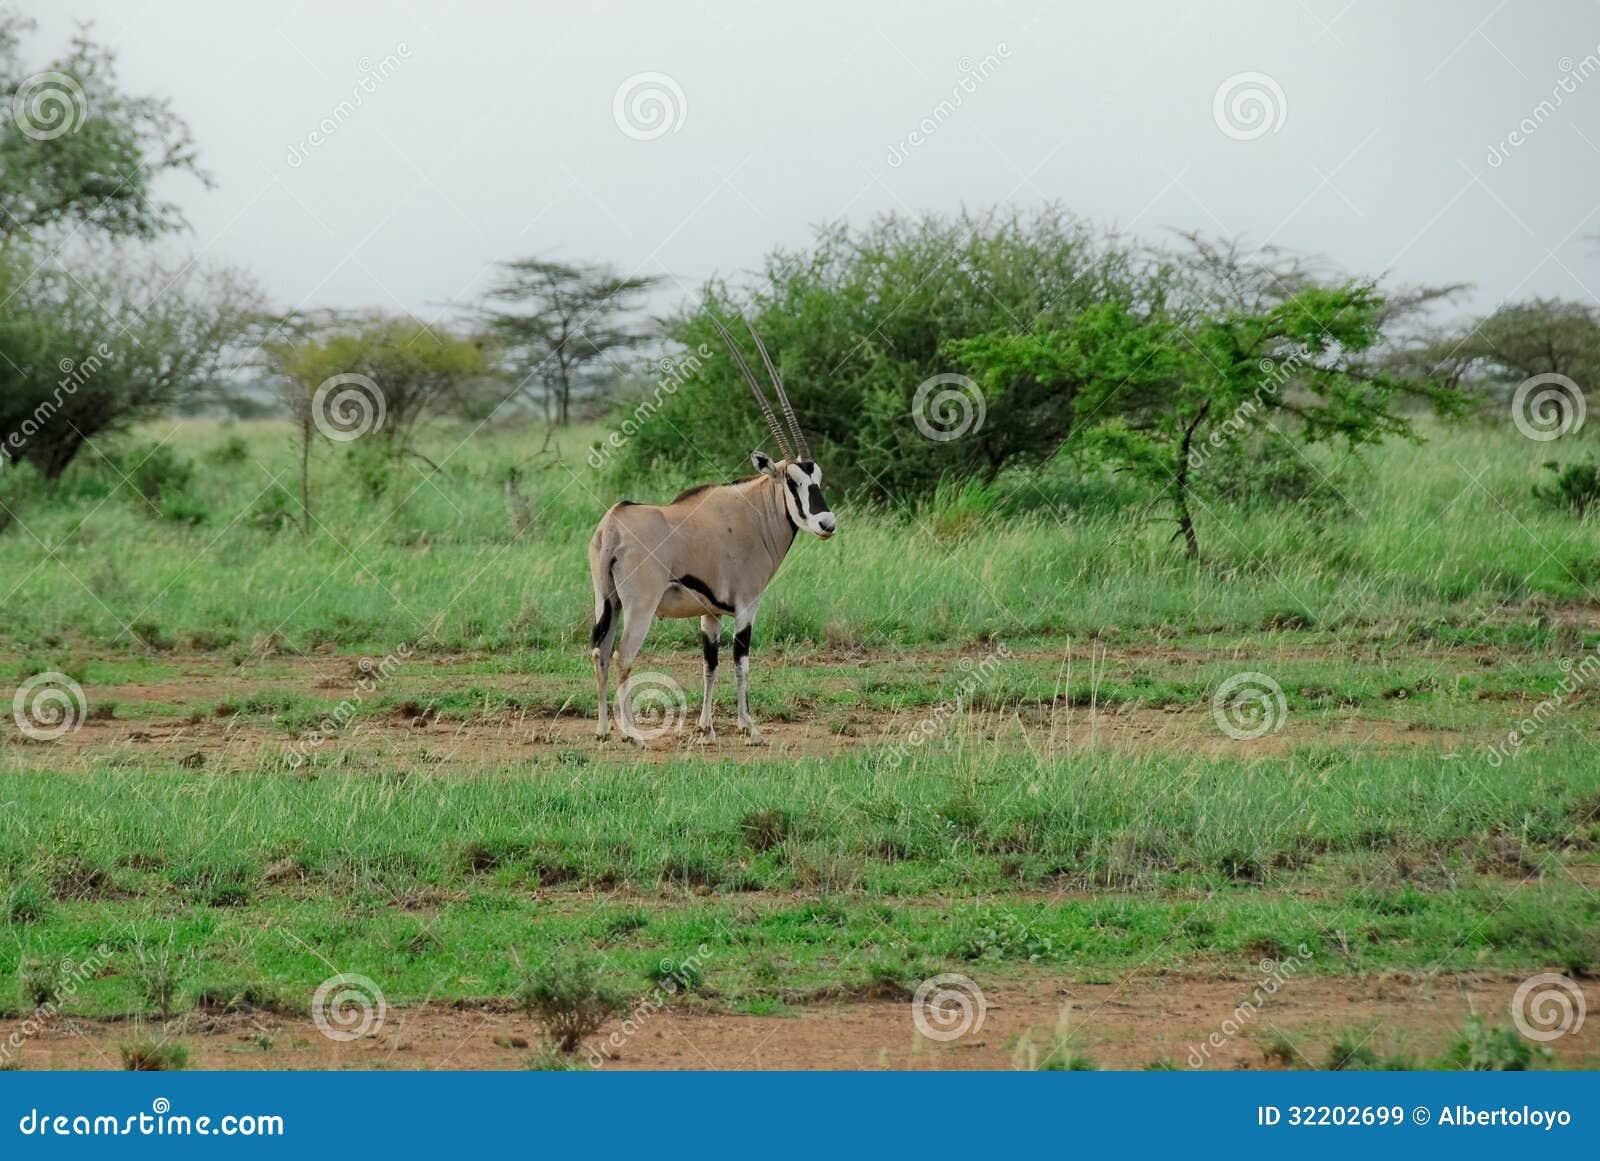 Oryx gazela, Zalany park narodowy (Etiopia)